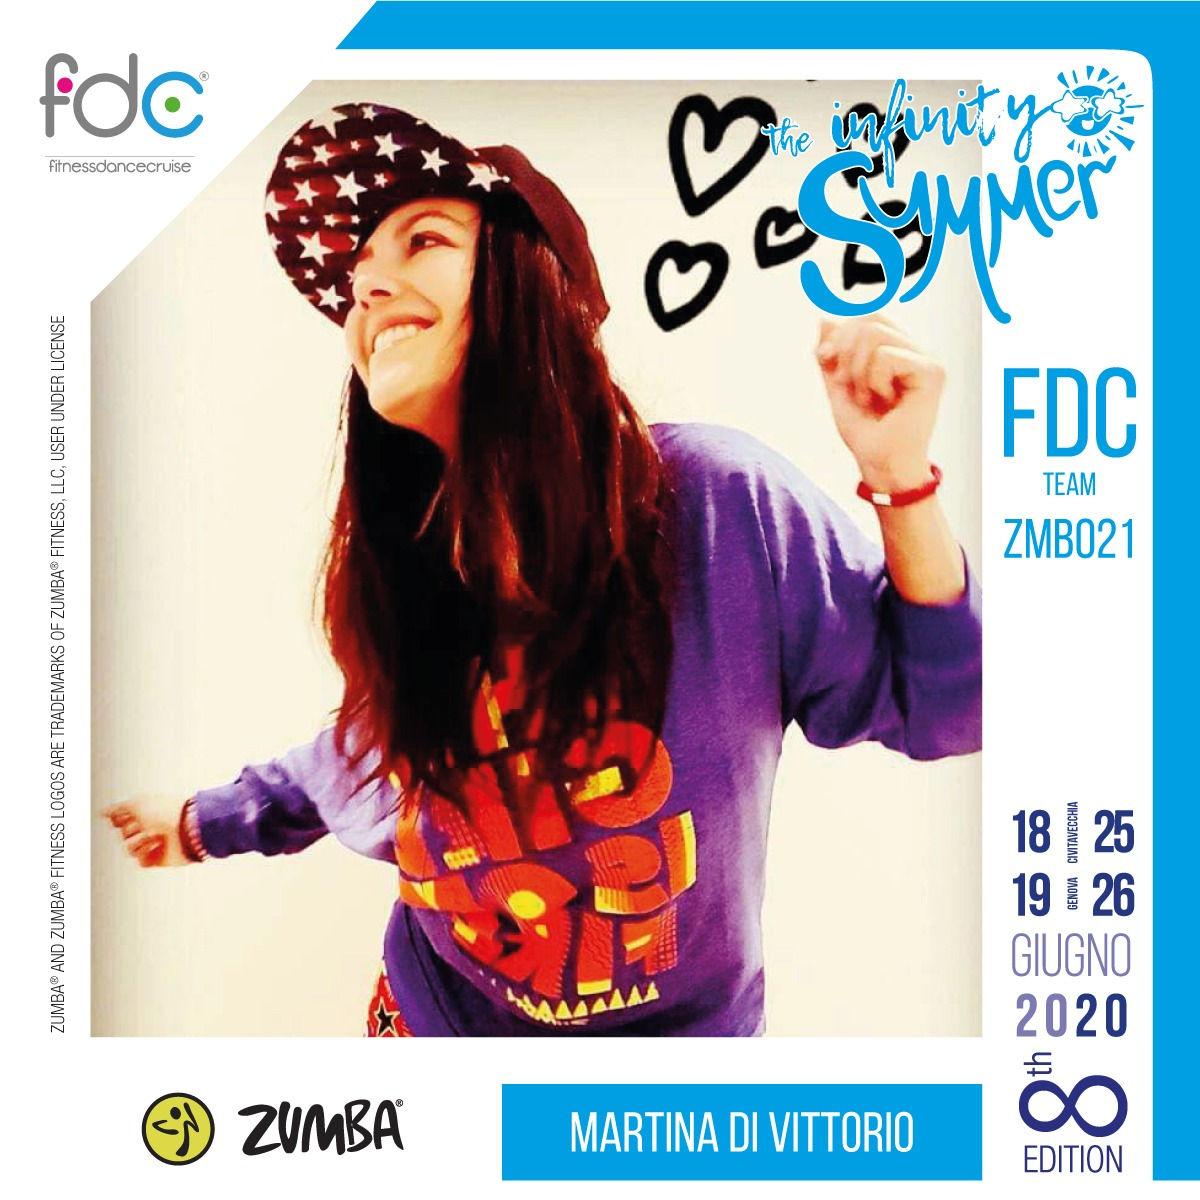 FDC Team Martina Di Vittorio